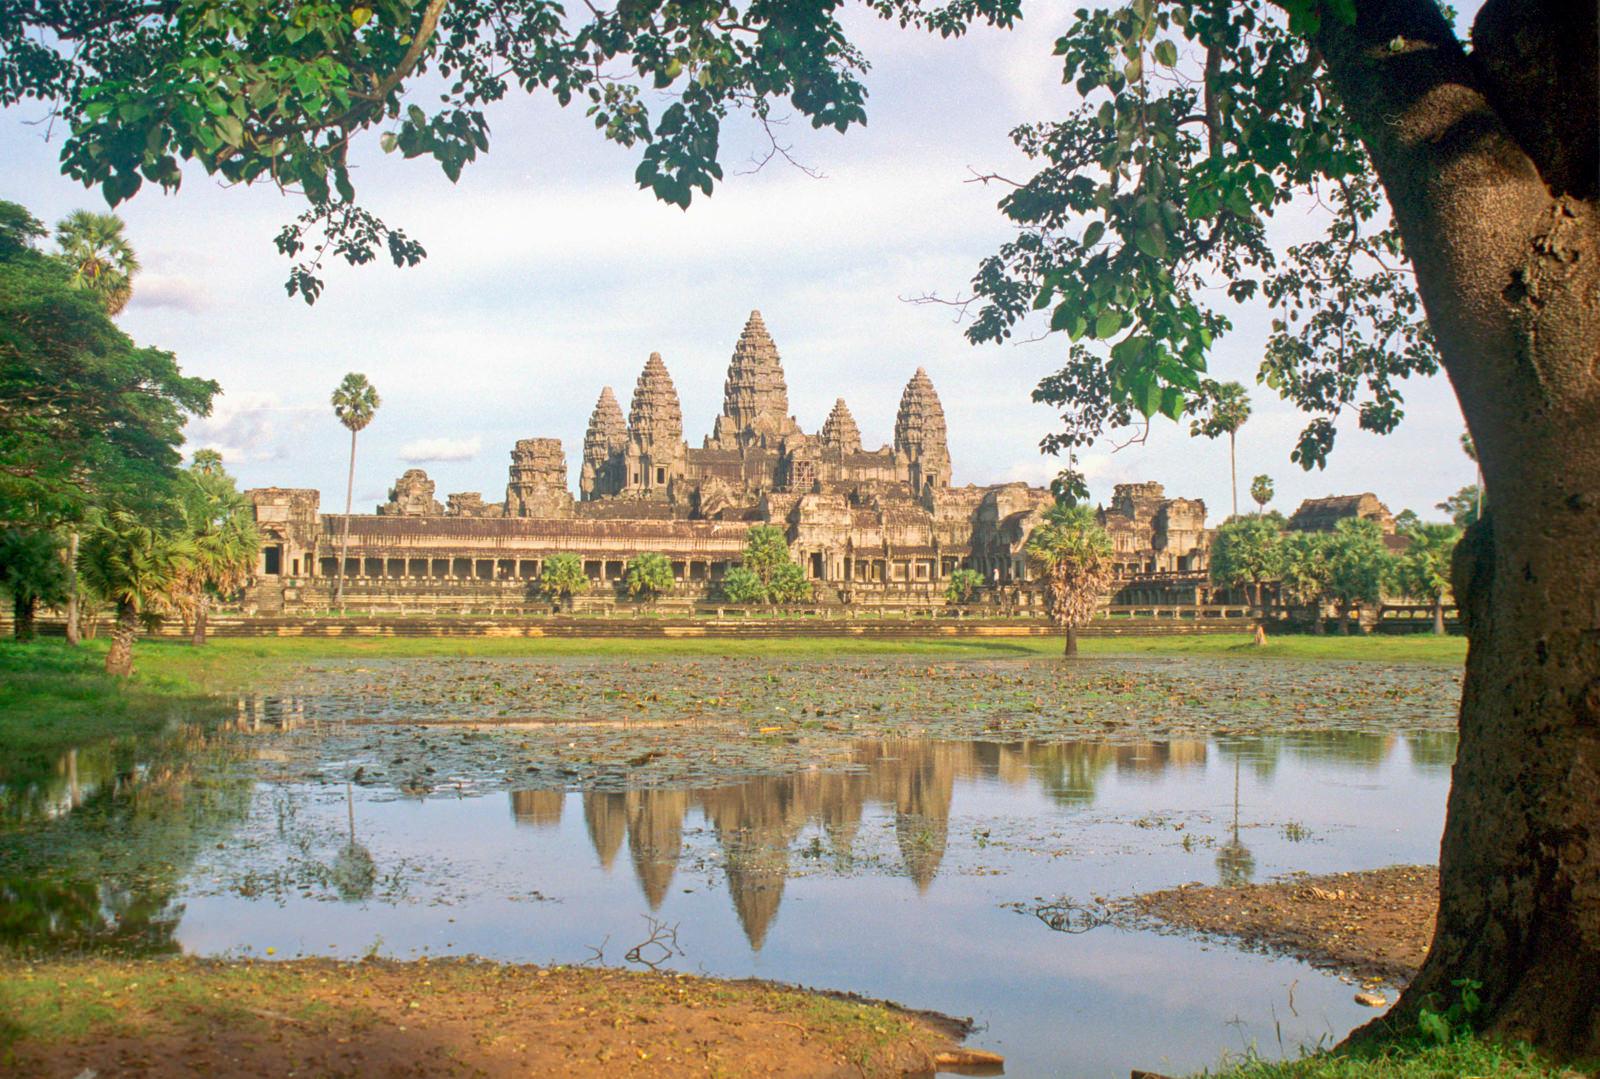 Angkor Wat after a massive storm